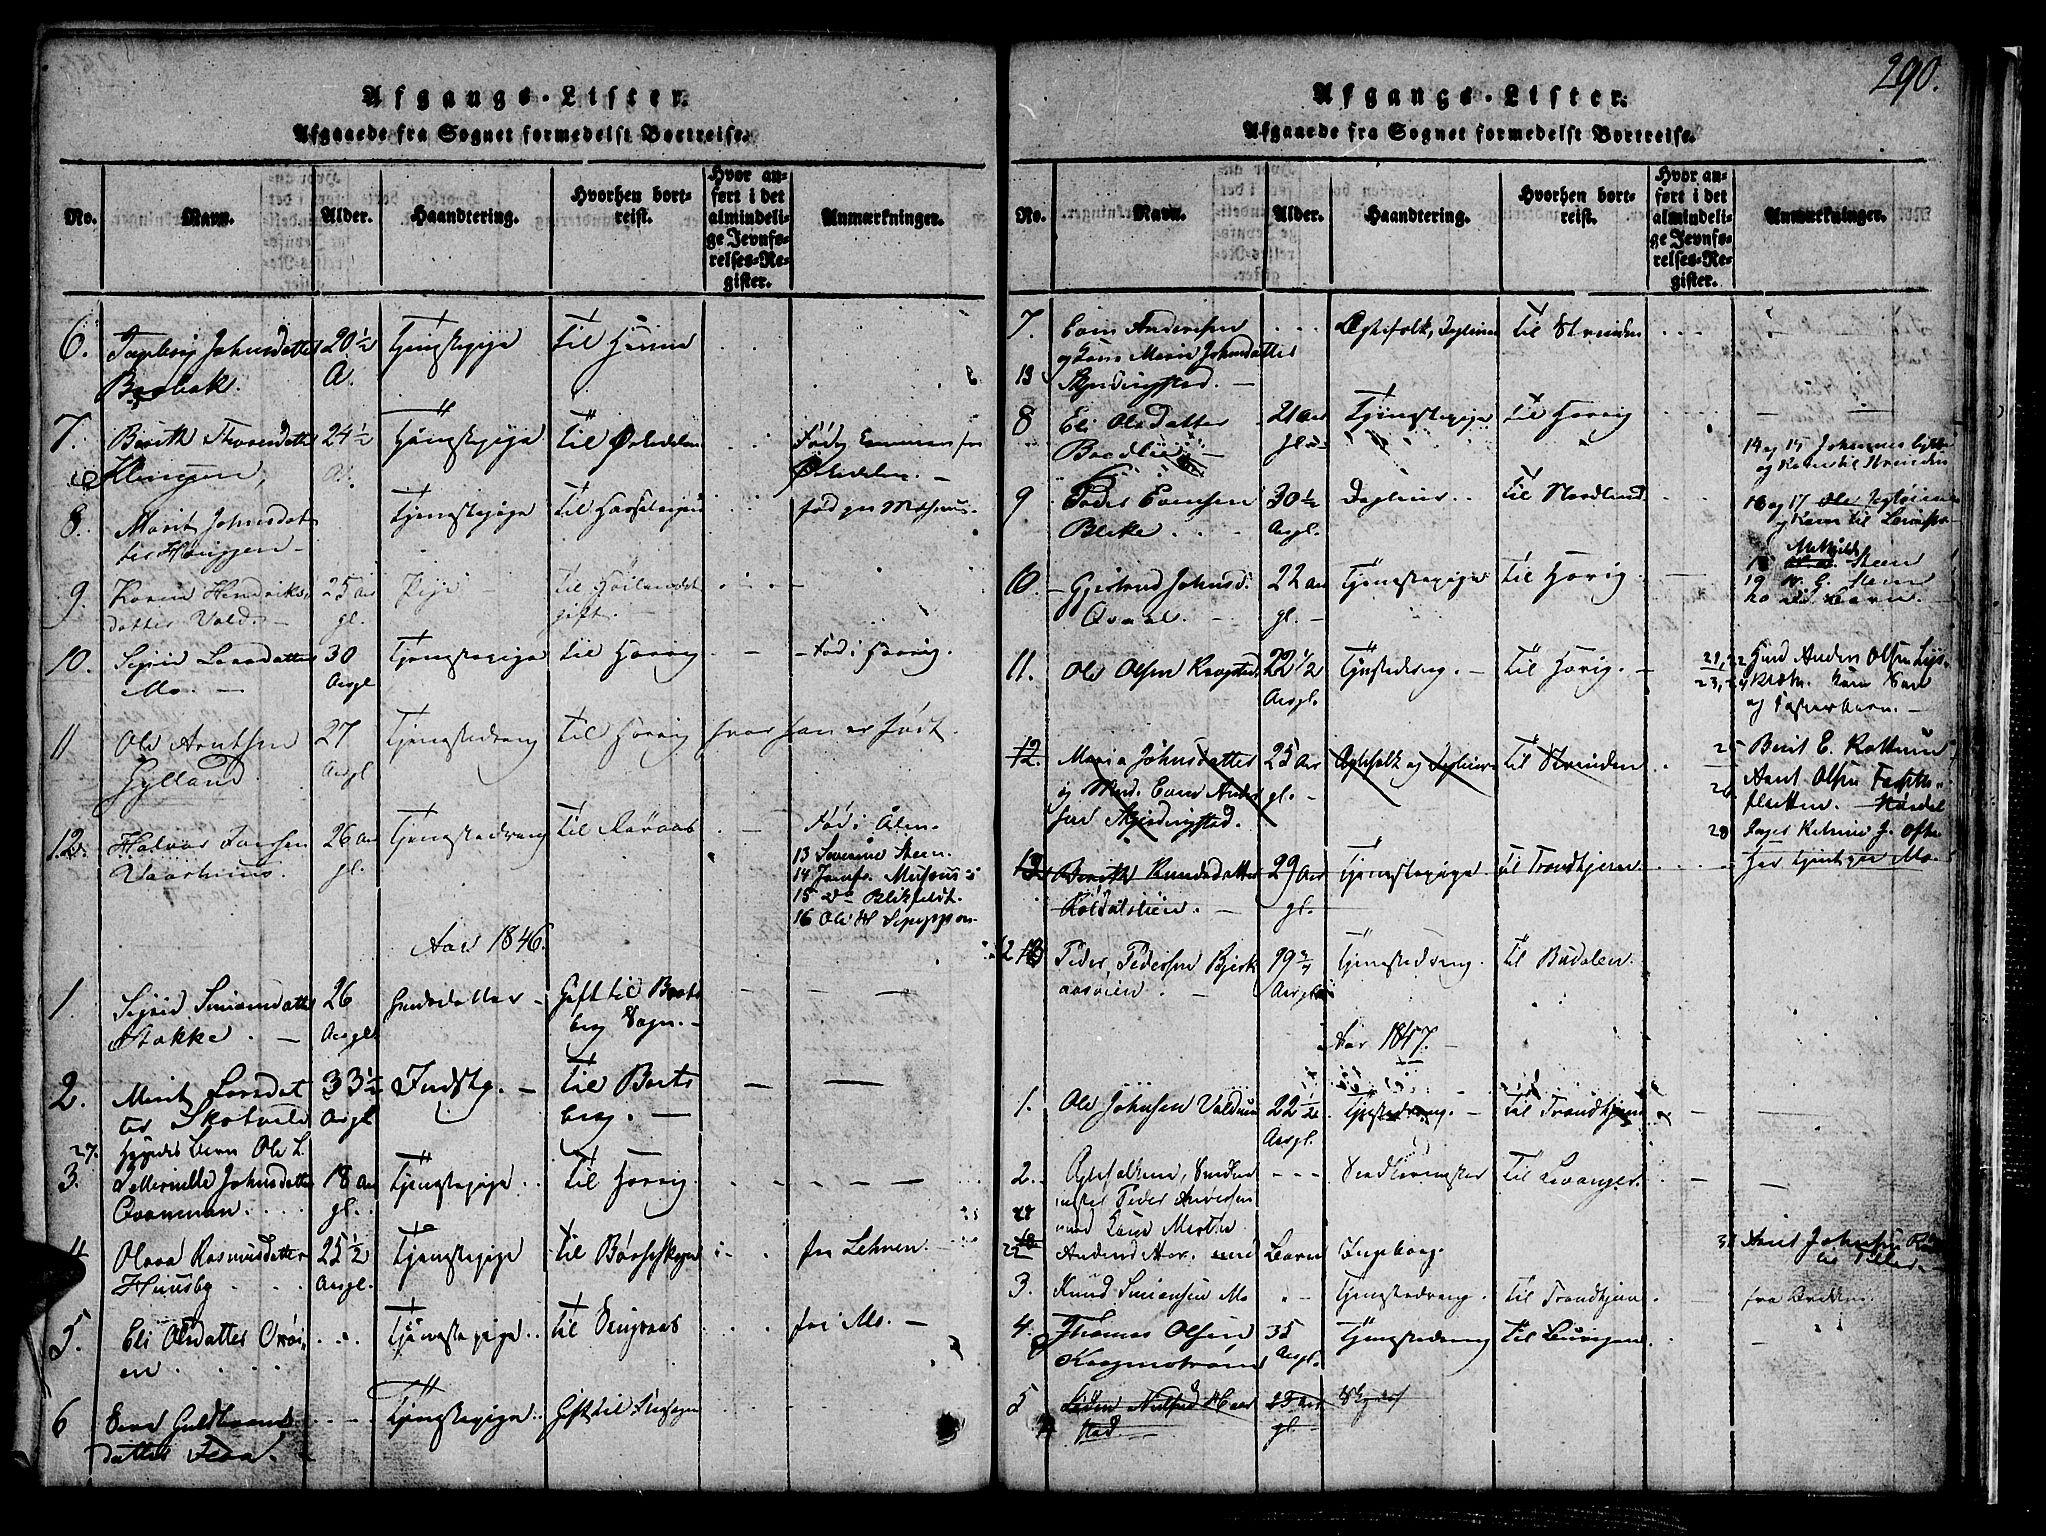 SAT, Ministerialprotokoller, klokkerbøker og fødselsregistre - Sør-Trøndelag, 691/L1092: Klokkerbok nr. 691C03, 1816-1852, s. 290